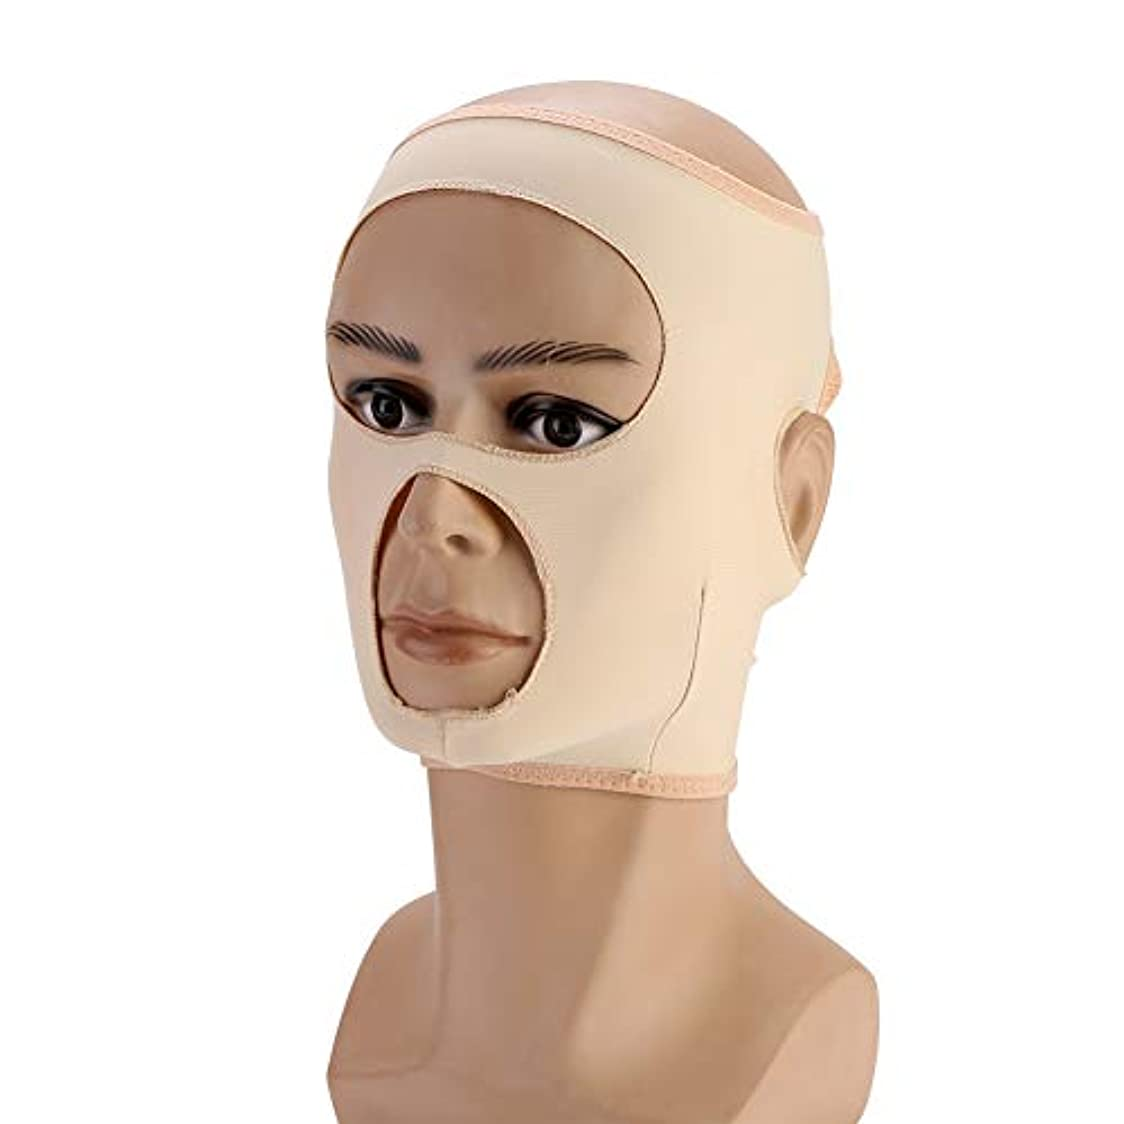 通路嫌悪のフェイスケア用フェイシャルスリミングマスクフェイシャルケア用フェイシャルスリミングマスクダブルフェイスリフト(M)